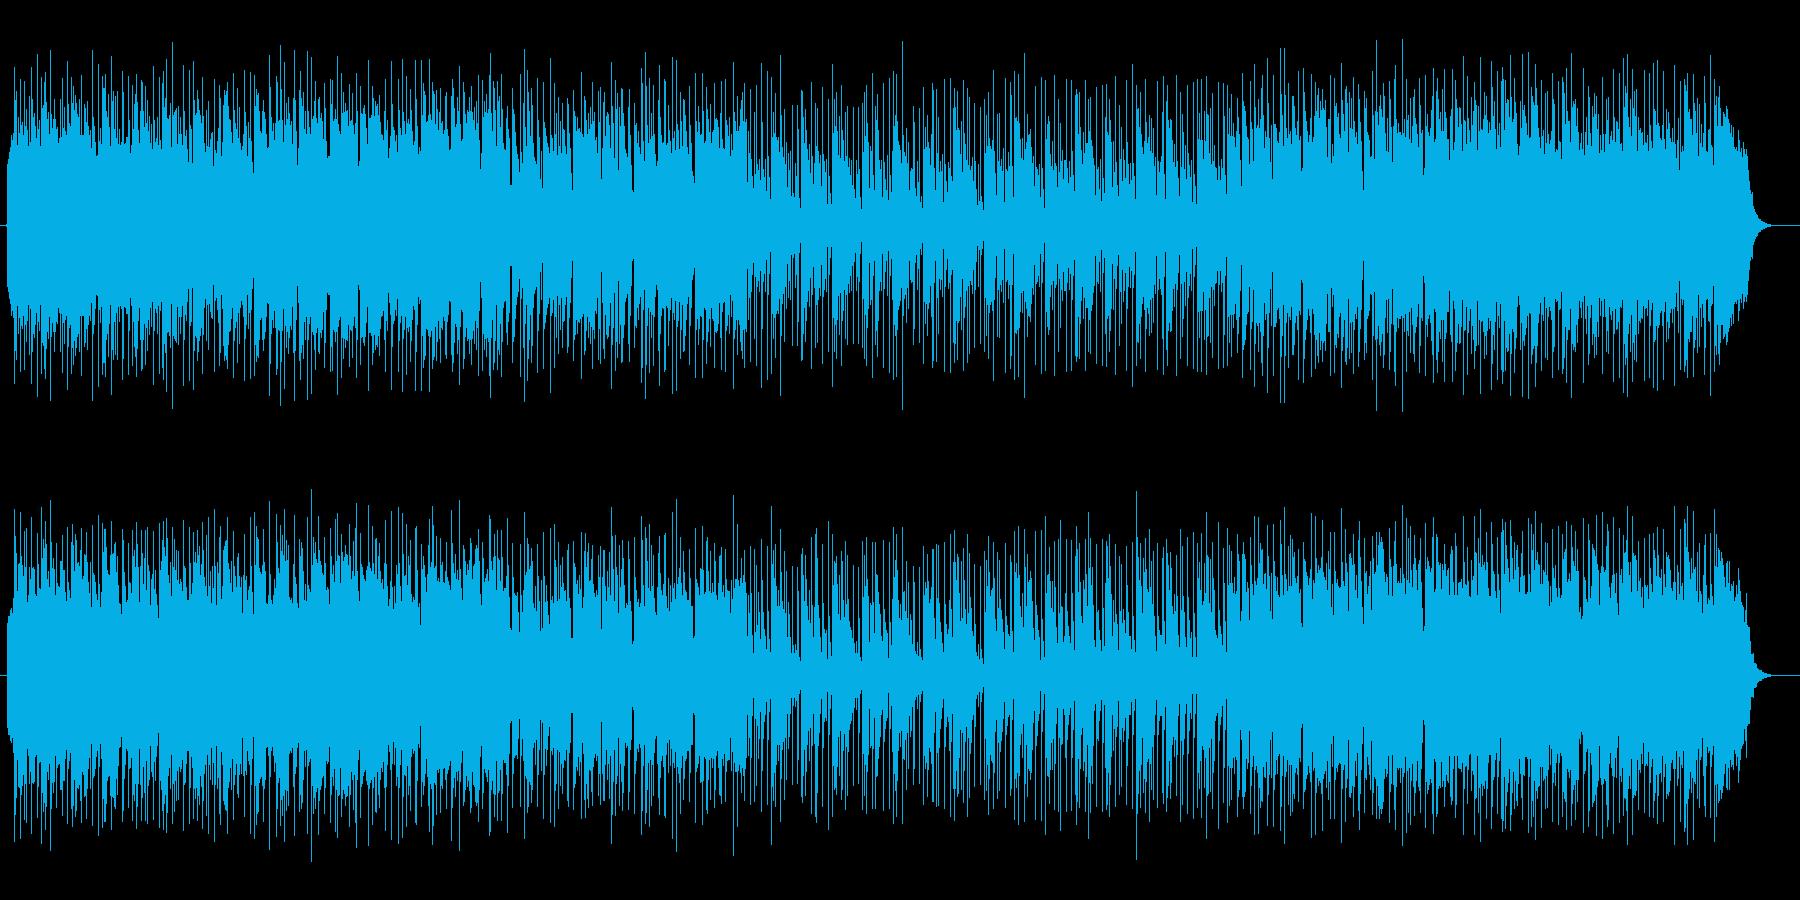 軽快で勢いのあるシンセが特徴のポップスの再生済みの波形